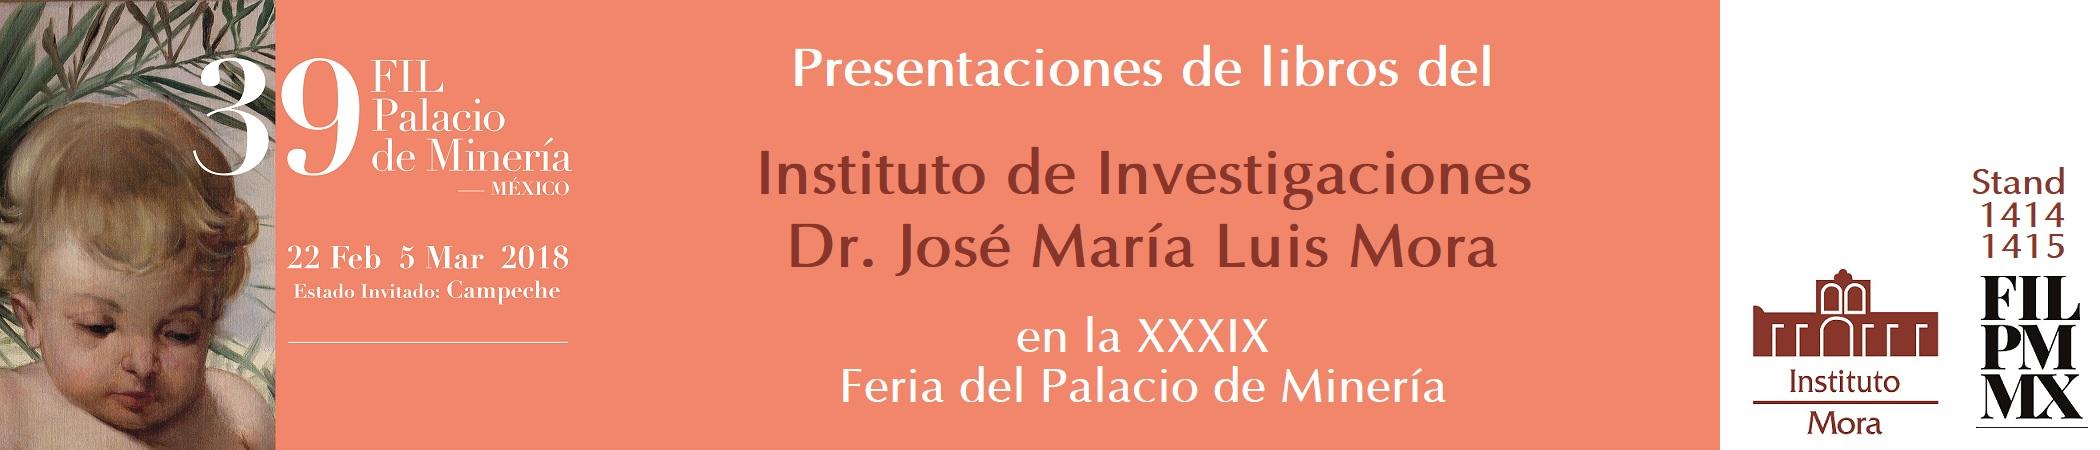 Presentaciones de libros en la XXXIX FIL del Palacio de Minería